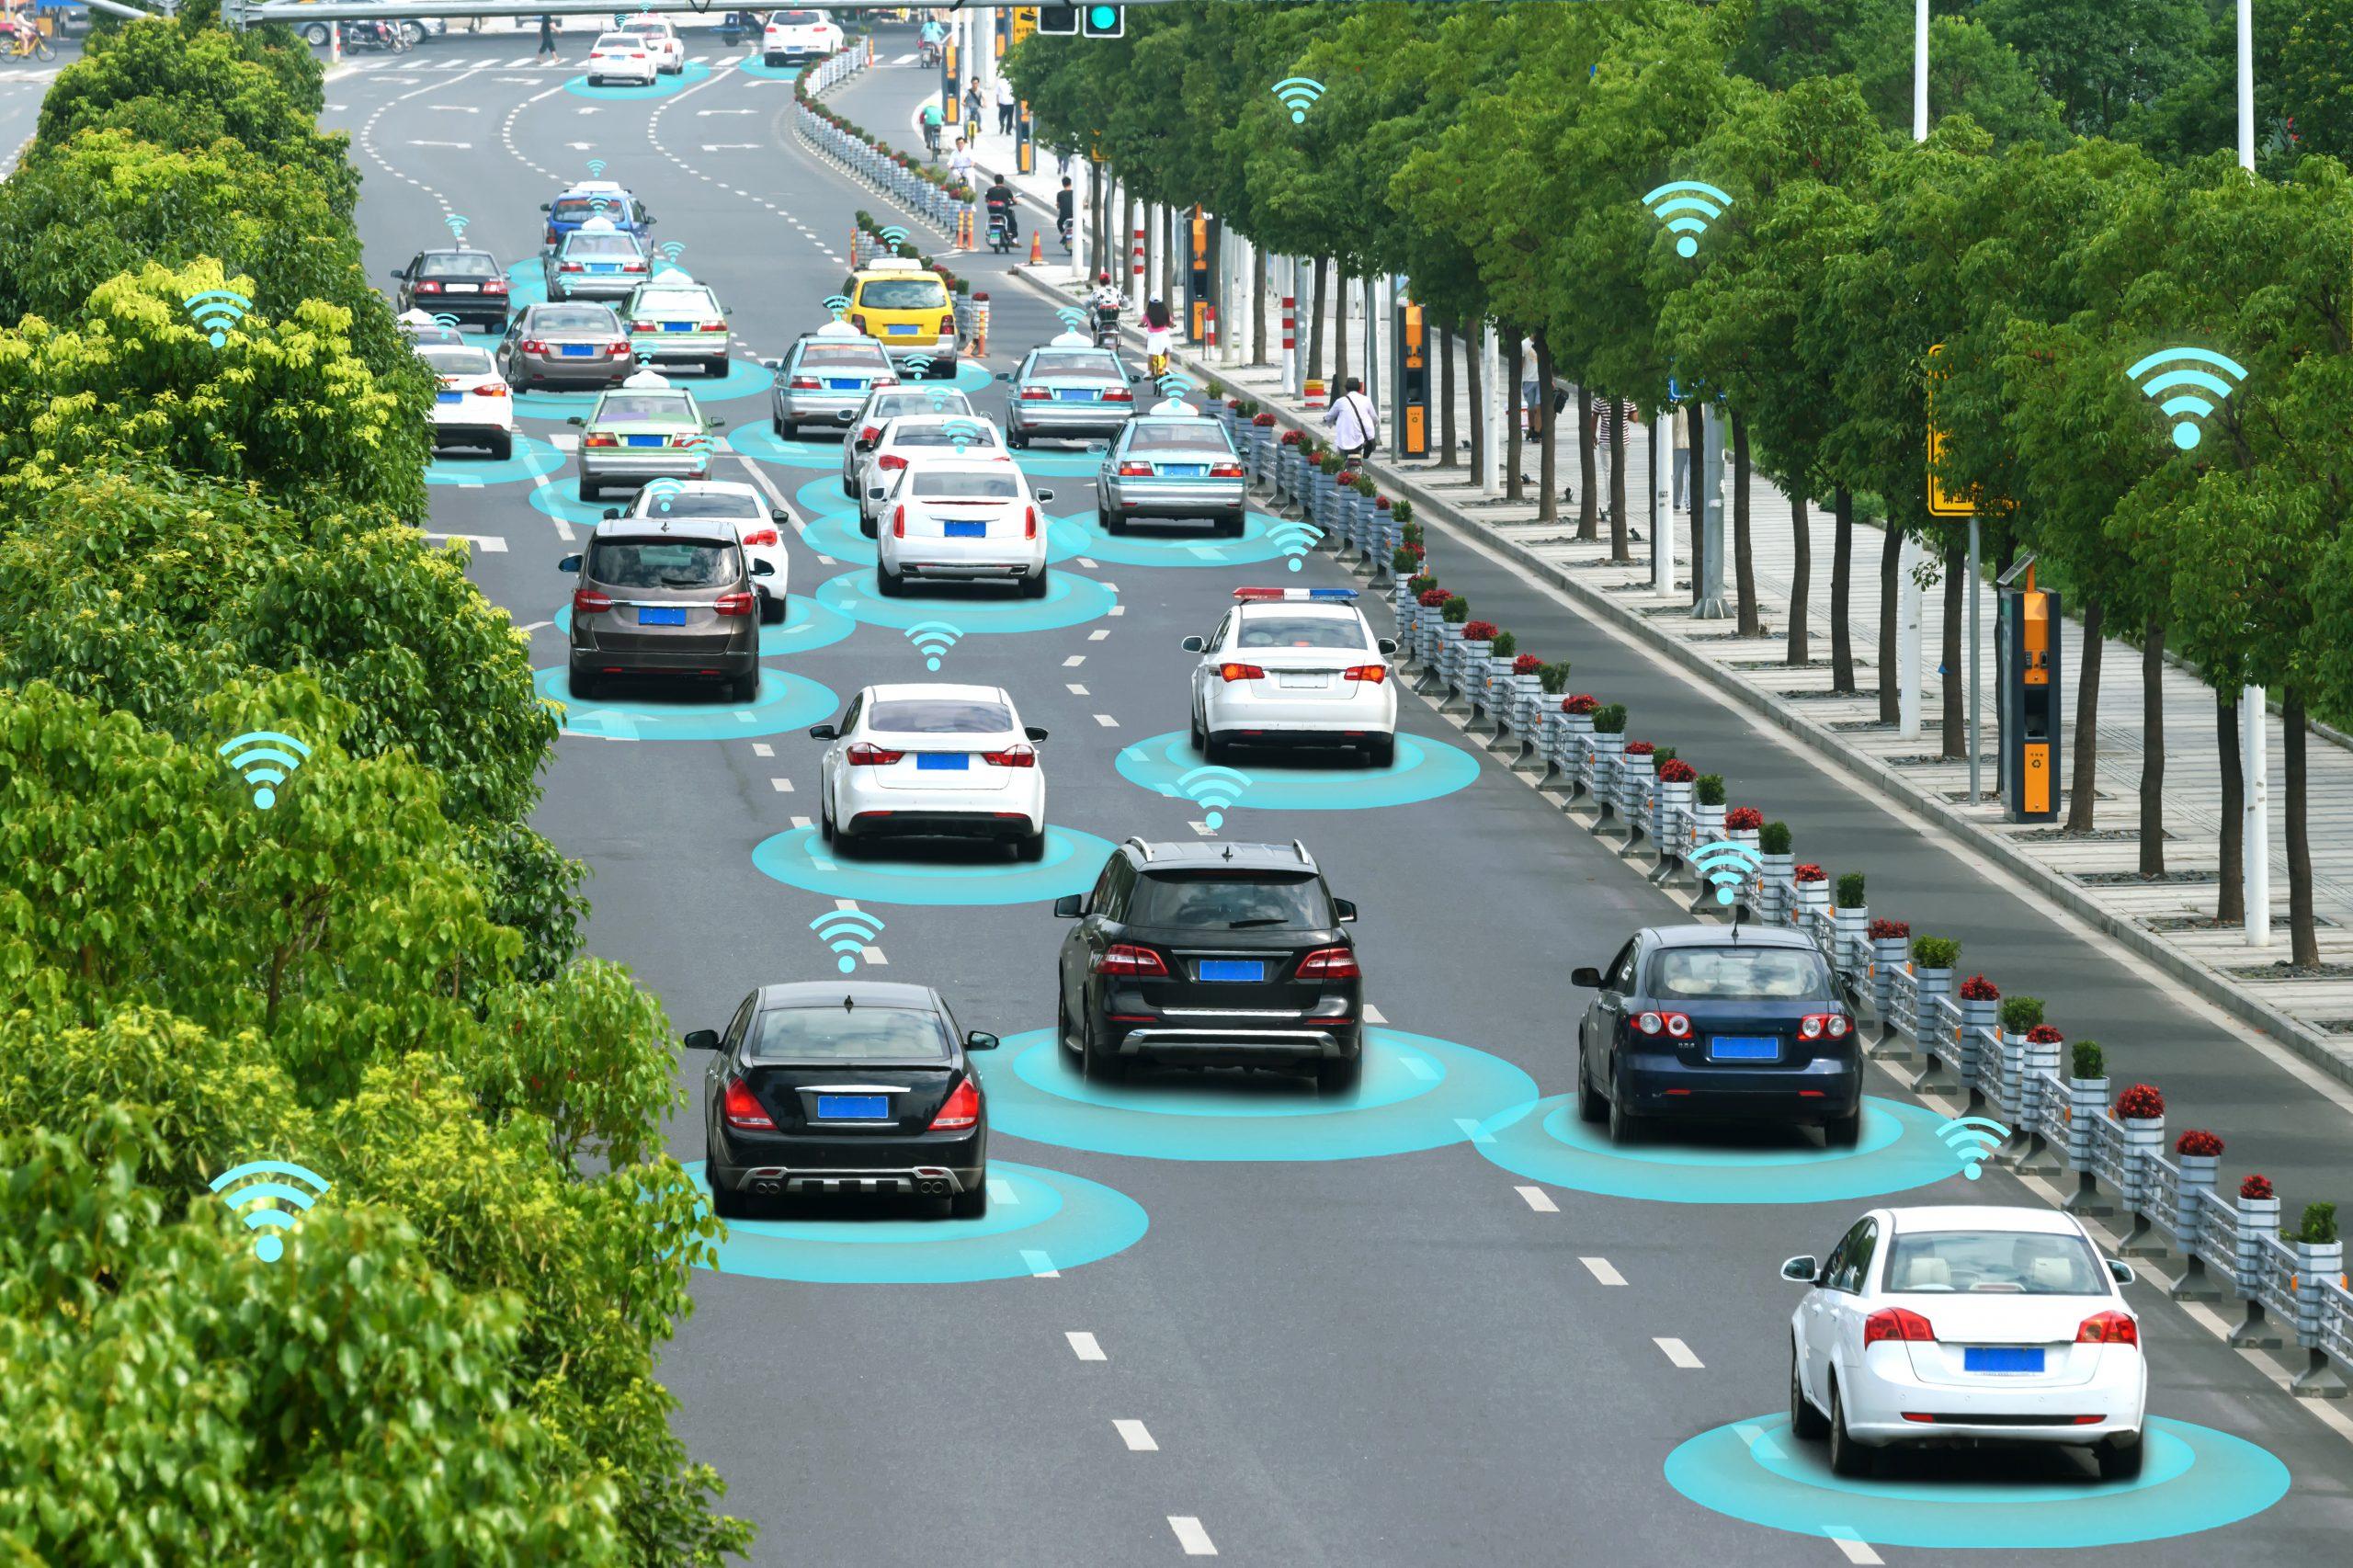 Vernetzte Fahrzeuge erfassen und verarbeiten Daten am Rand ihrer Netzwerke. Das ist die typische Aufgabe von Edge Devices. (Bild: ©zapp2photo/stock.adobe.com)